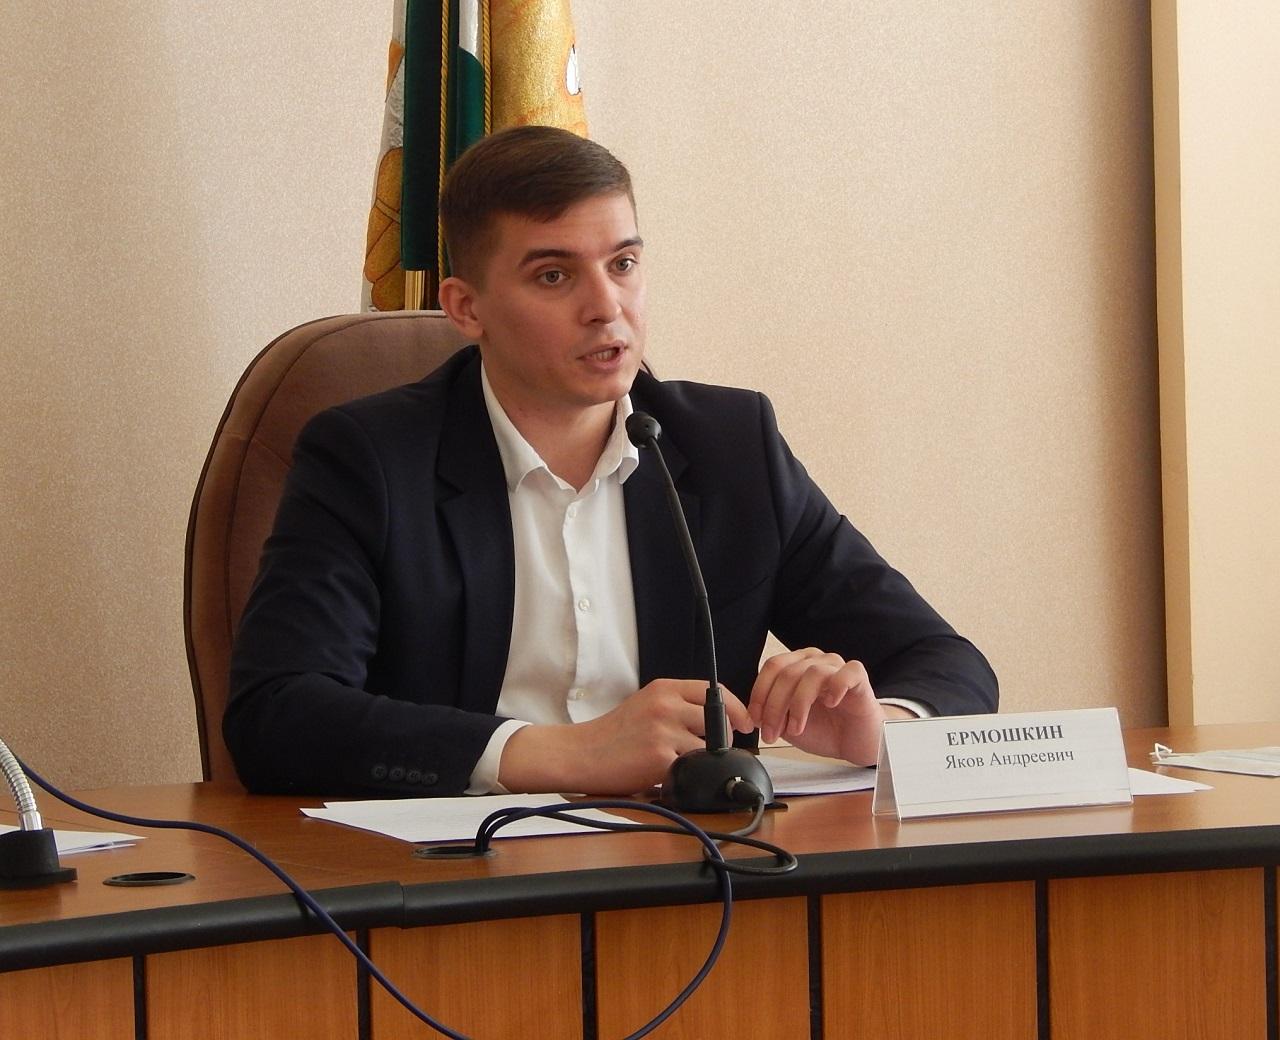 Новые лидеры: как меняется политическая элита Челябинска